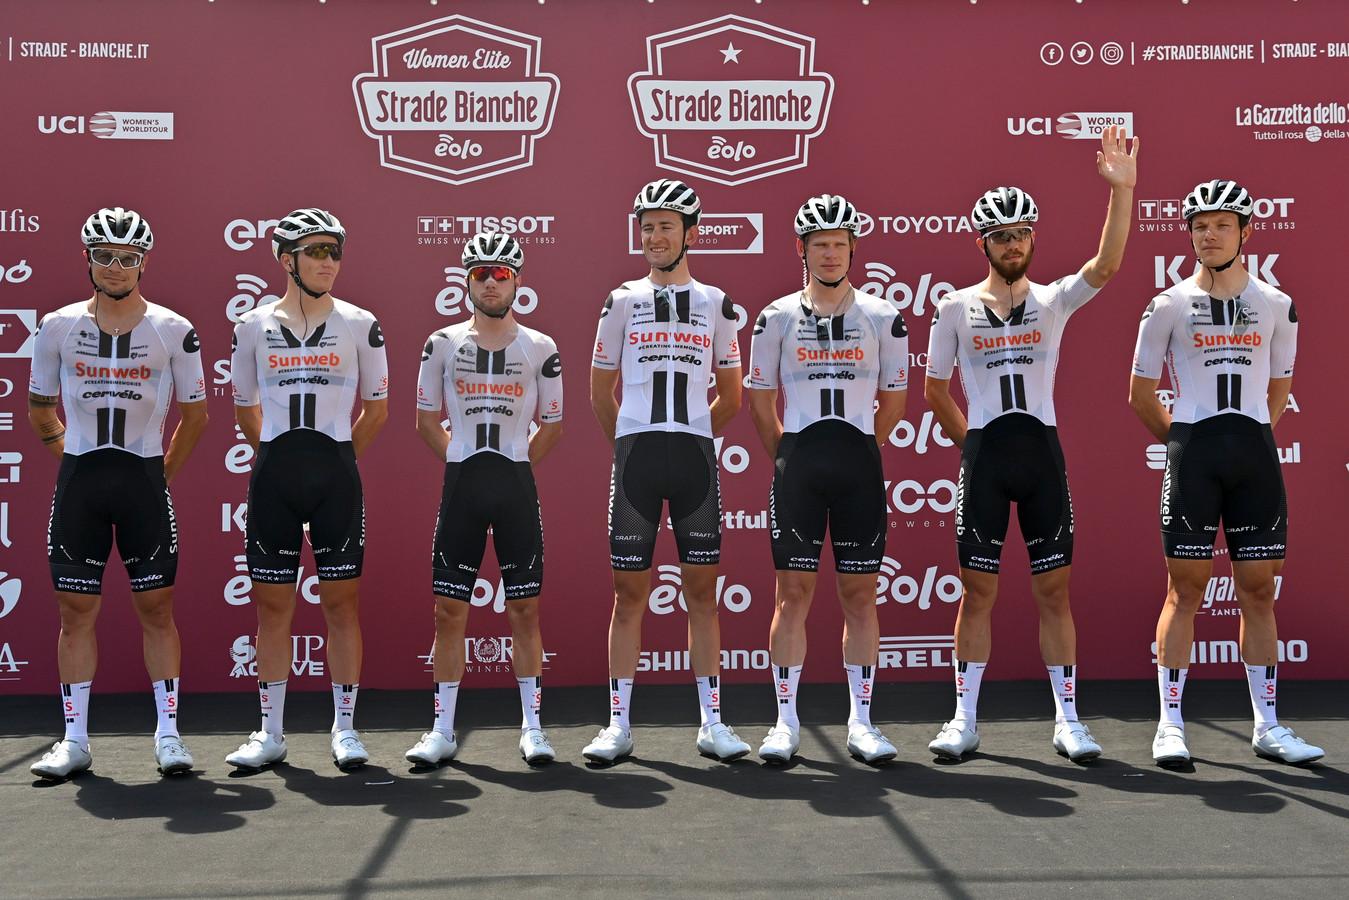 Renners van Team Sunweb voor de Strade Bianche.